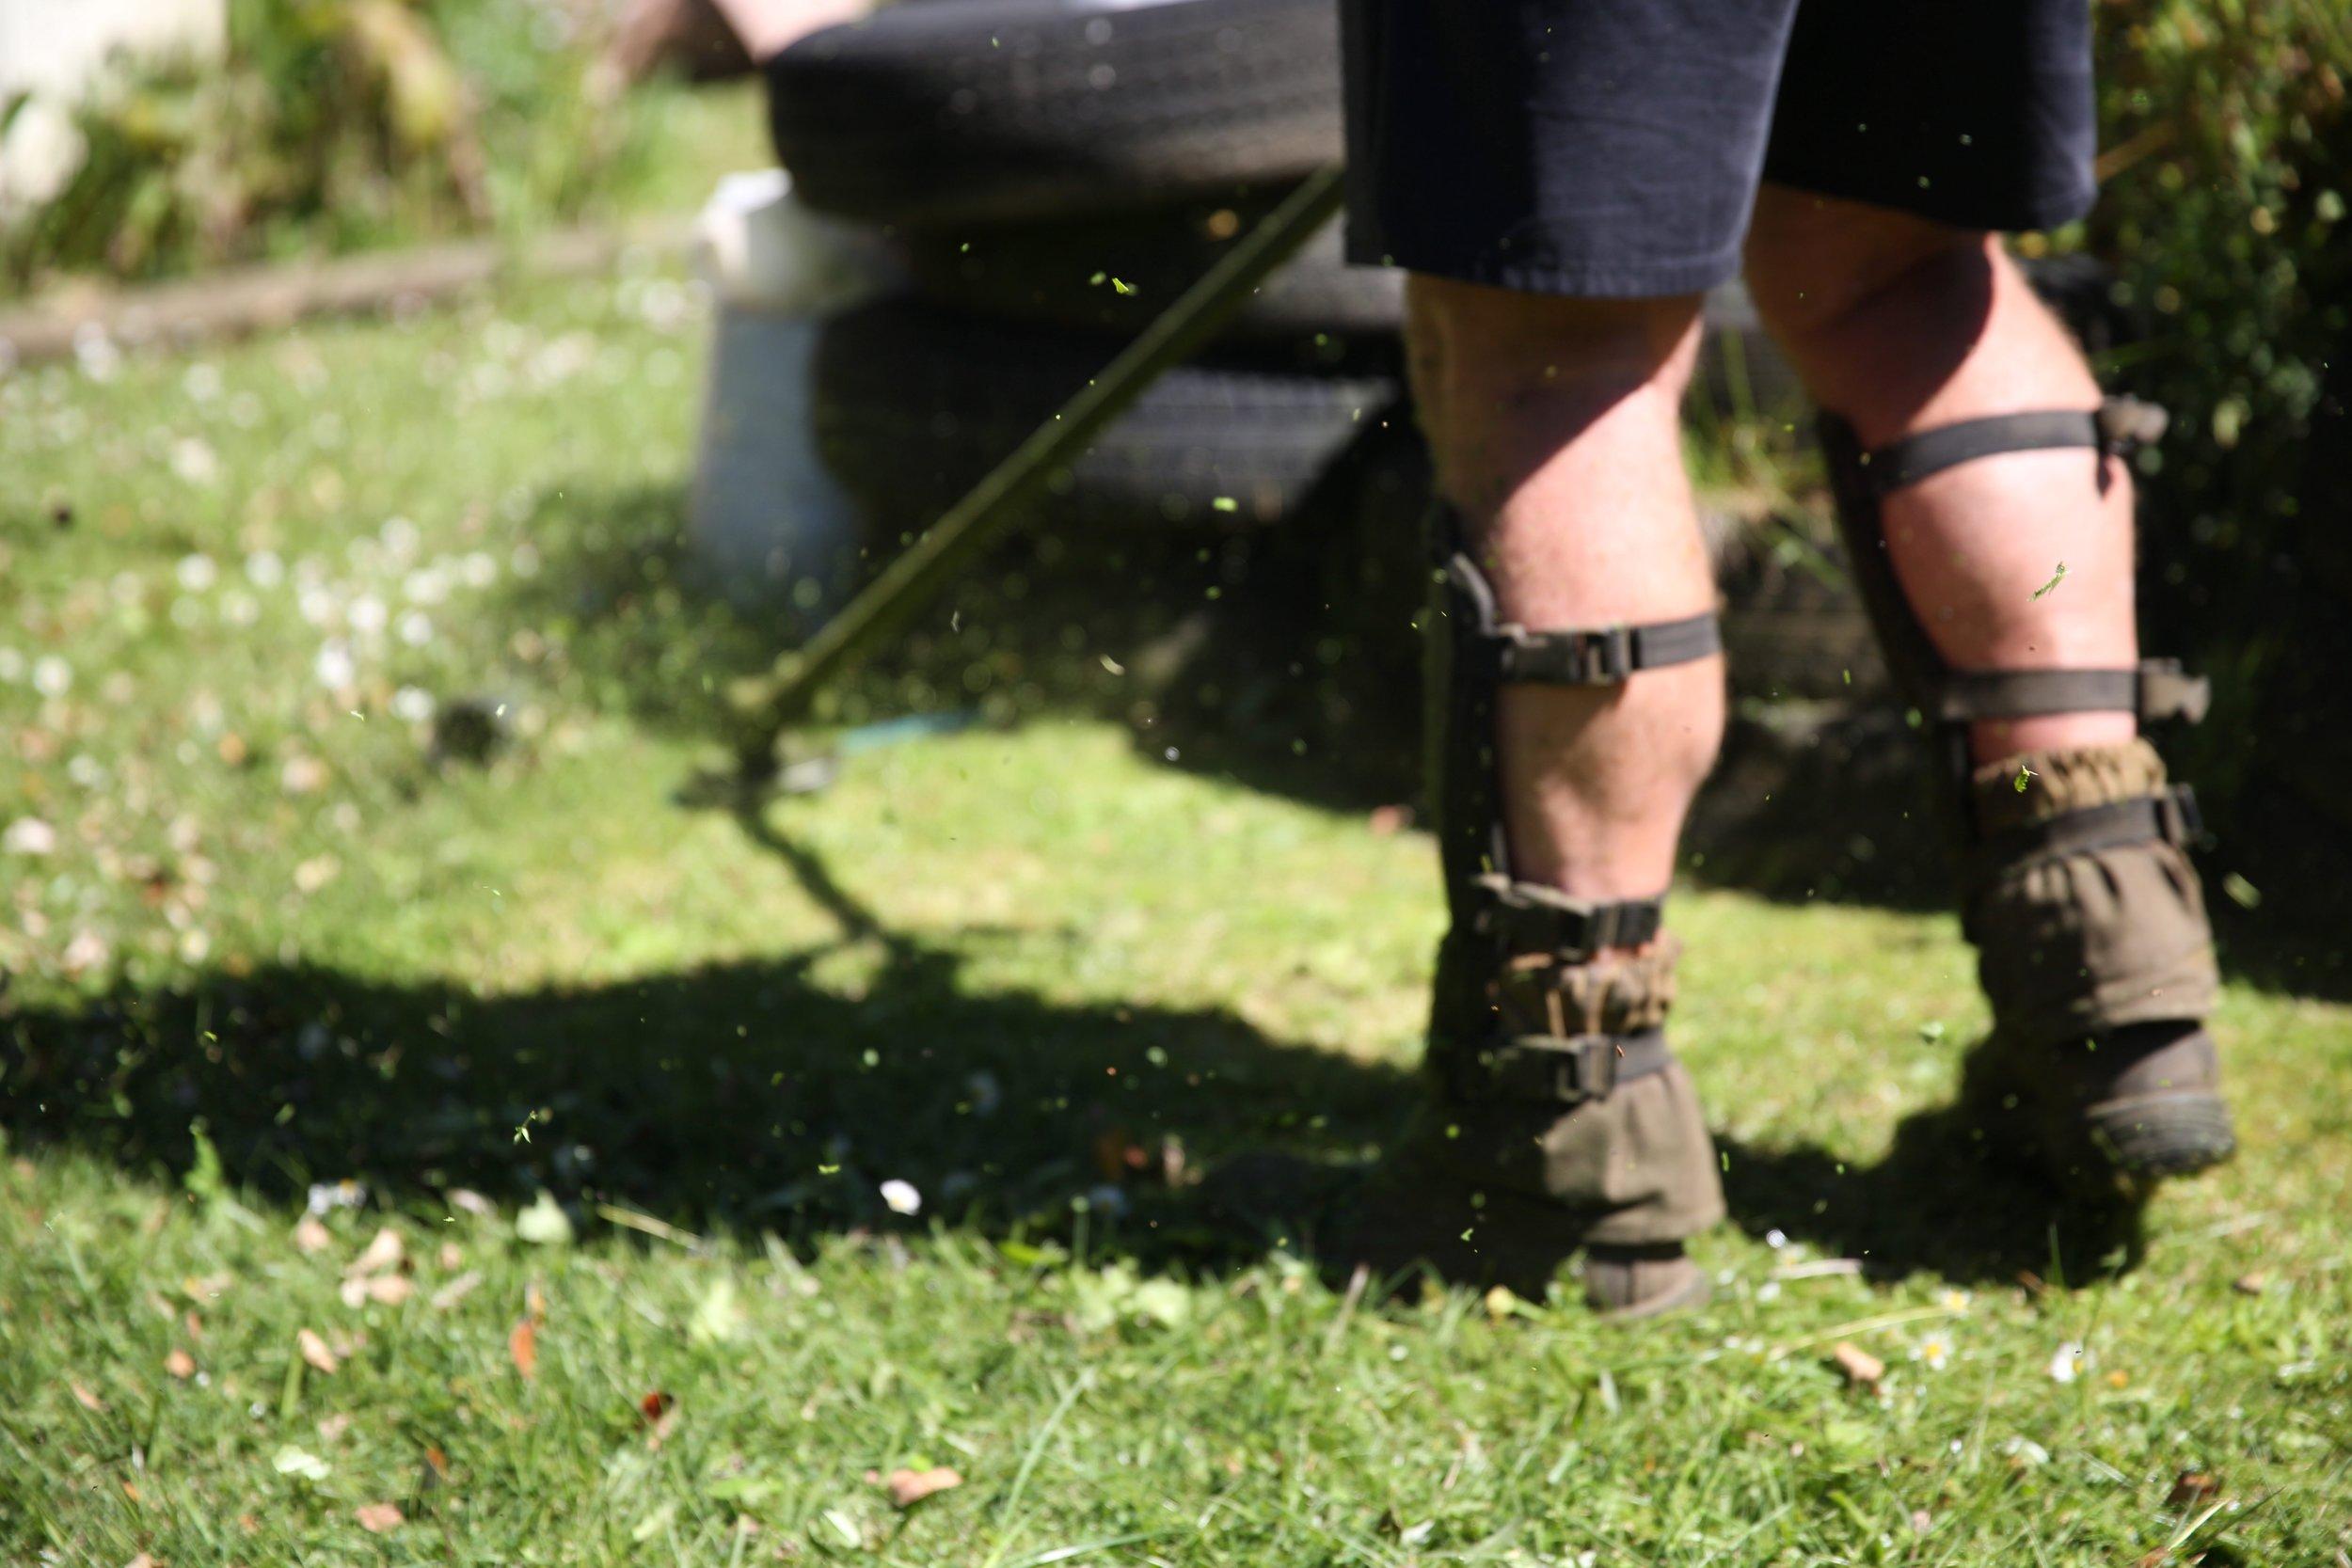 lawn-mowing-oamaru-otago.jpg